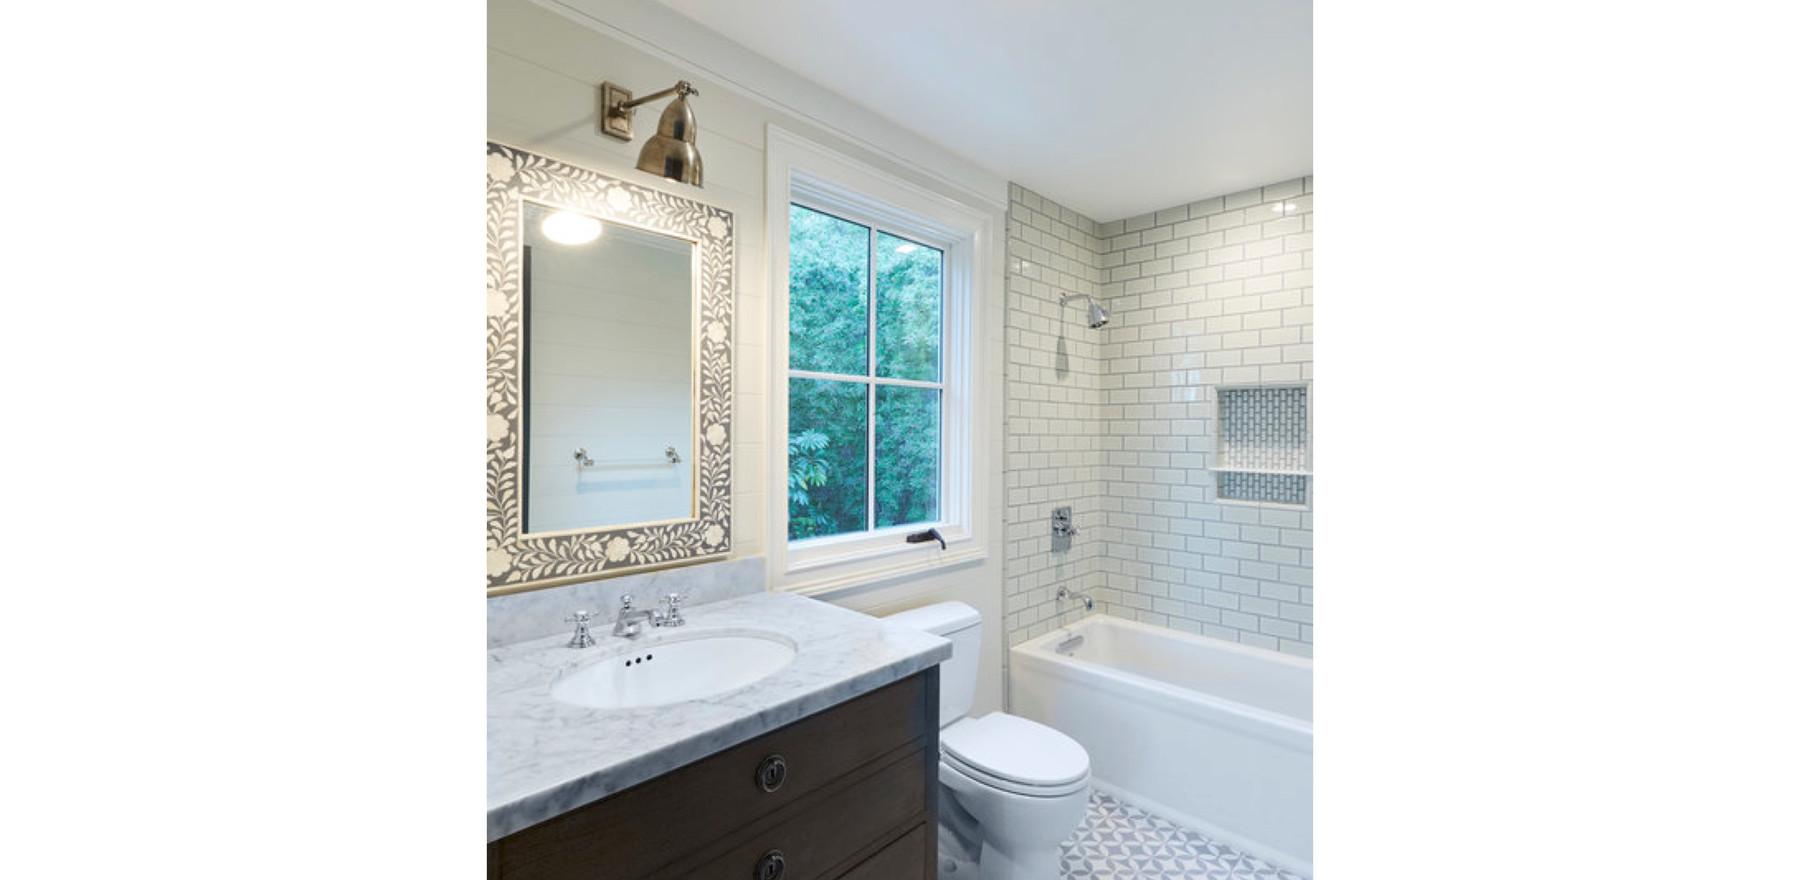 Bennett_Bathroom 2 JPG.jpg